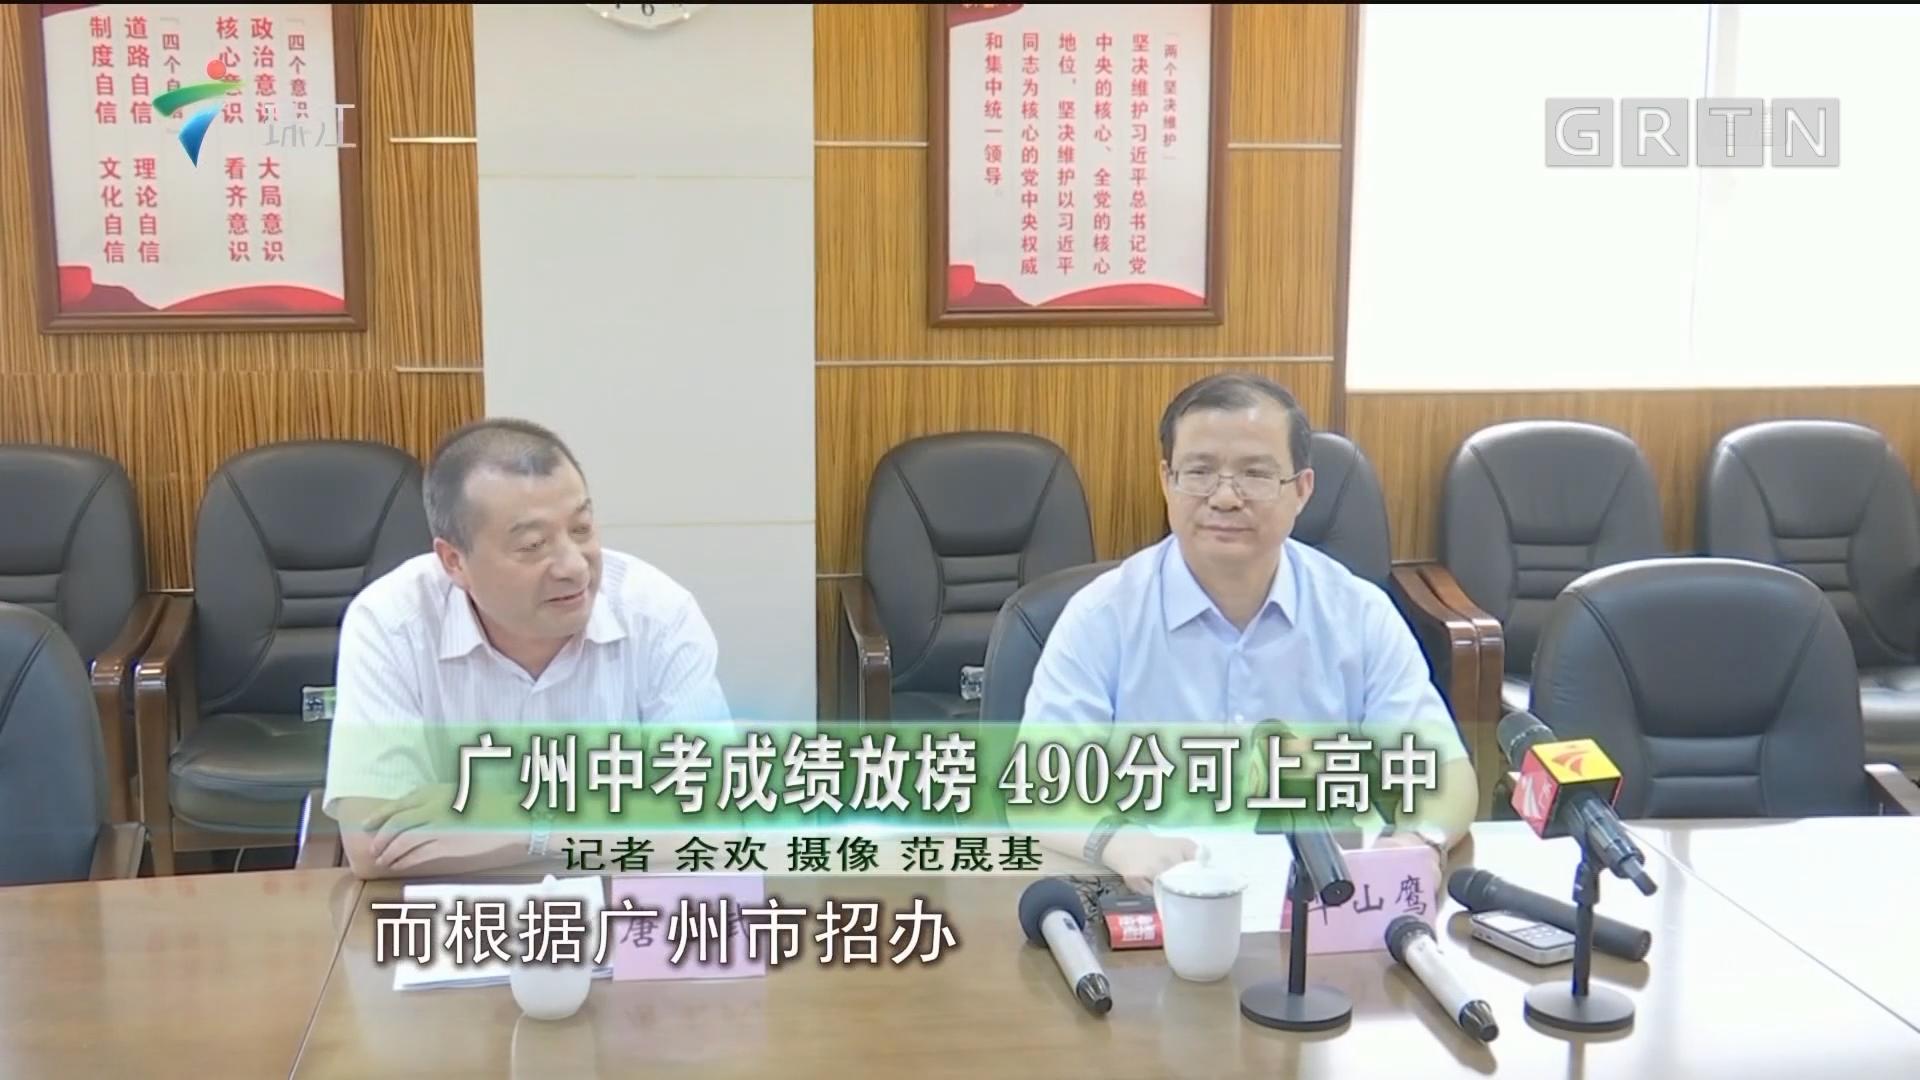 广州中考成绩放榜 490分可上高中